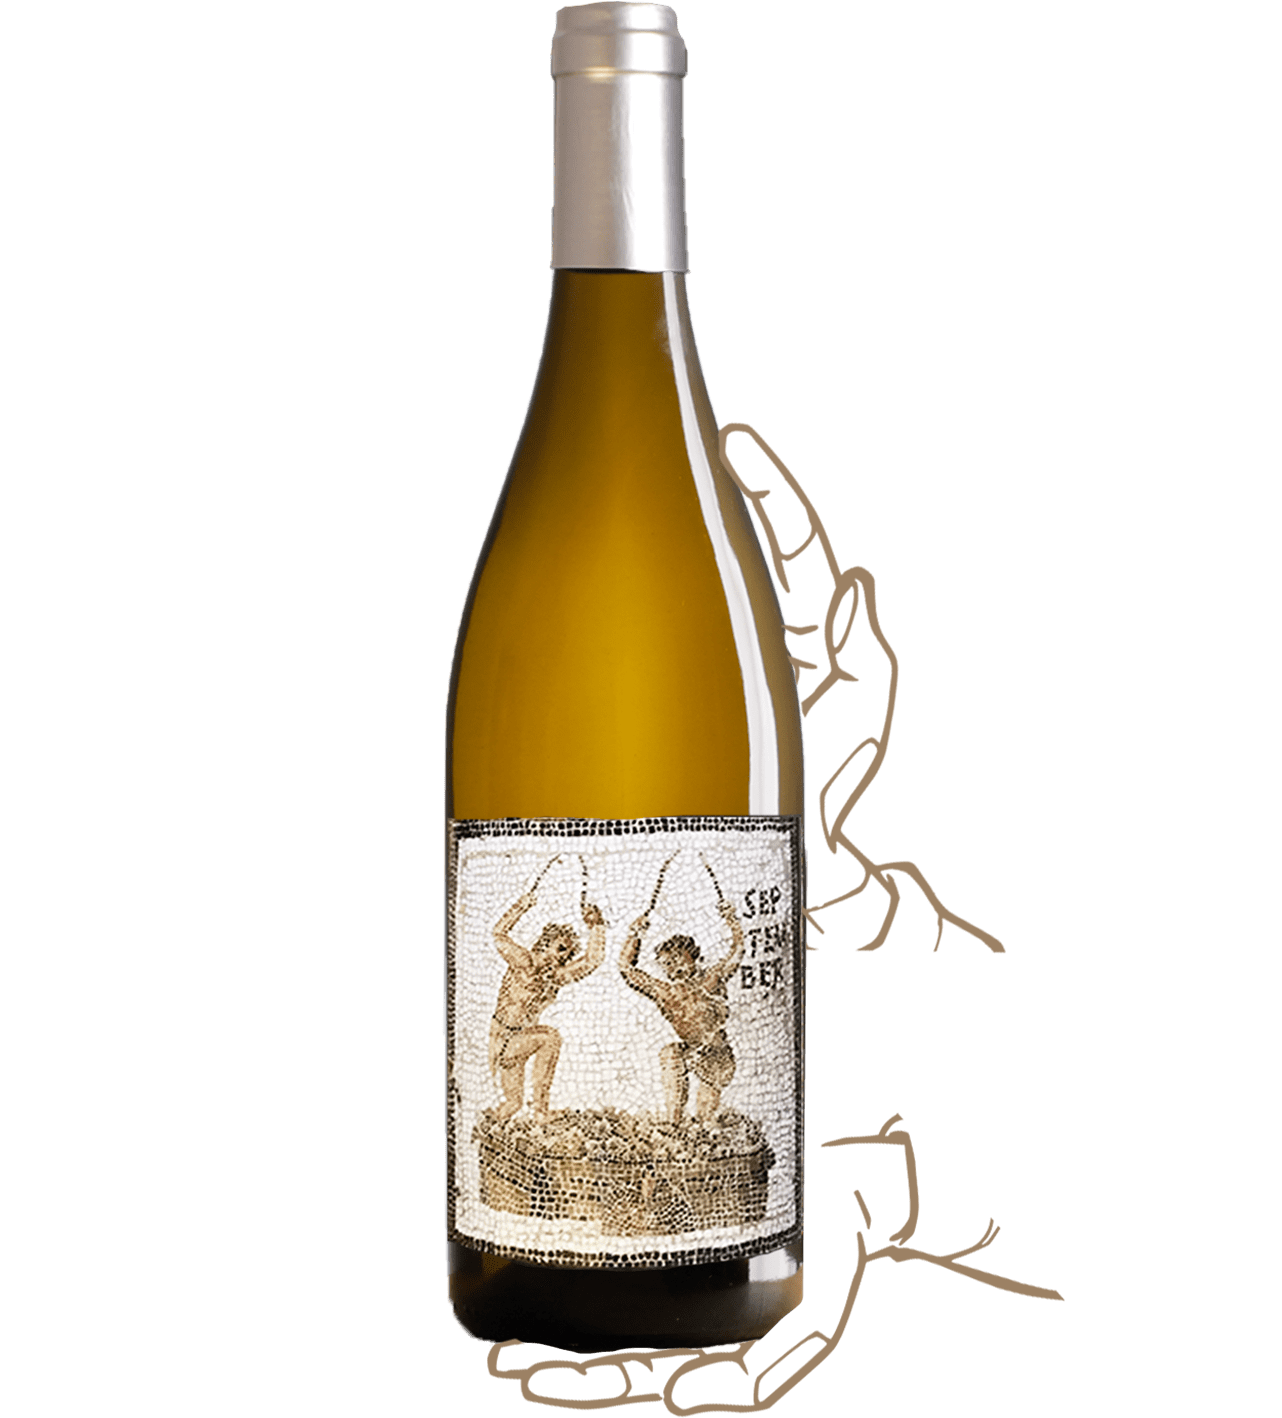 janus est un vin nature biodynamique du domaine de l'écu